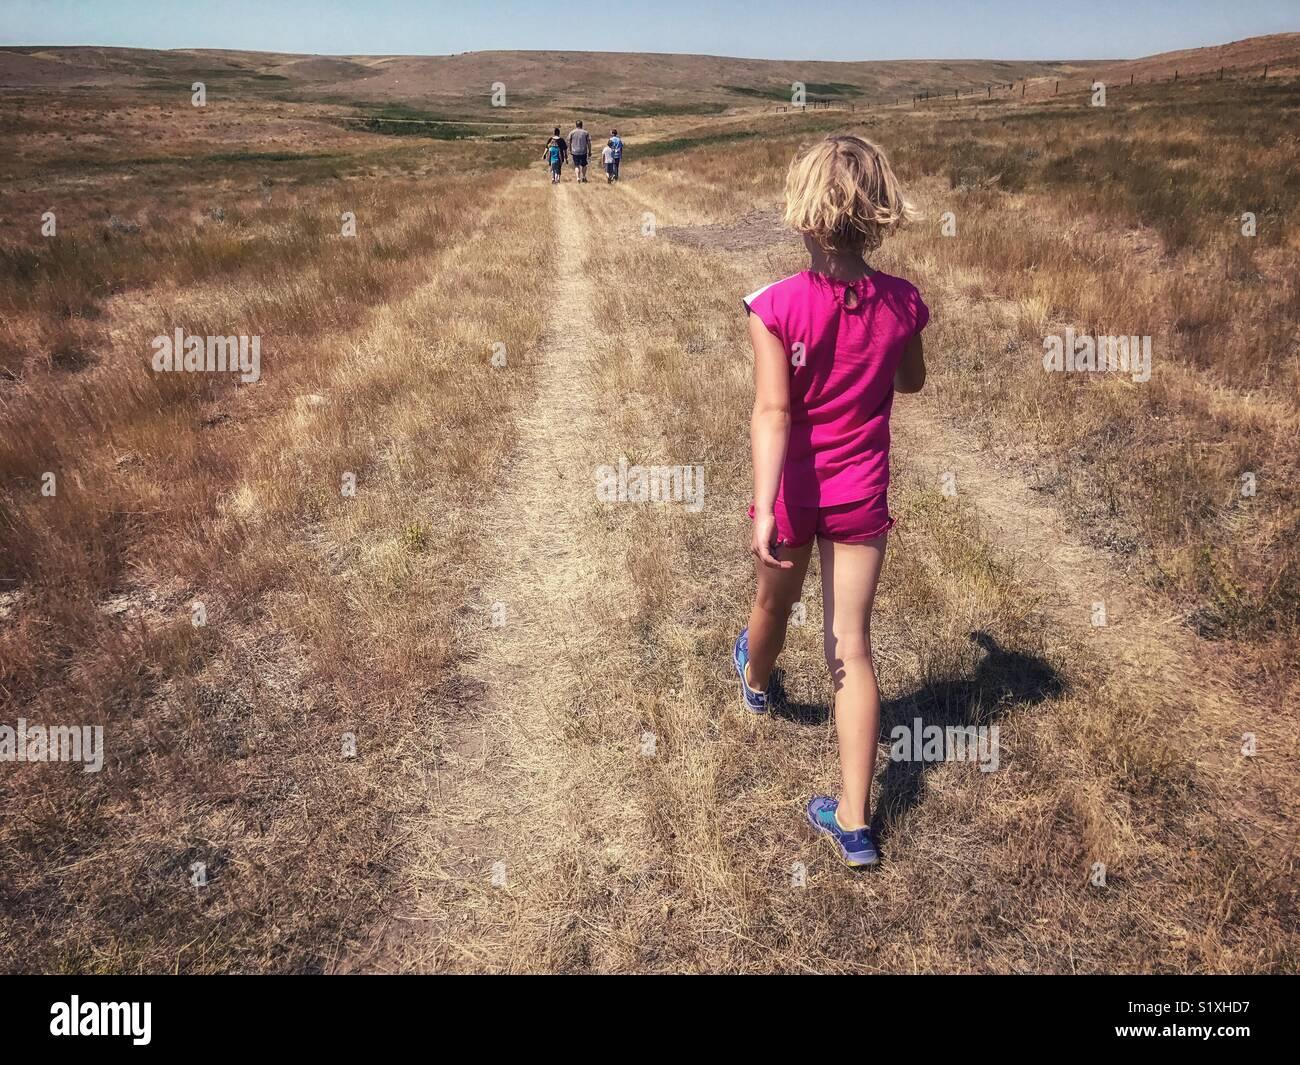 Una niña caminatas bruscamente a través de las praderas del sur de Saskatchewan, Canadá, a atrapar Imagen De Stock